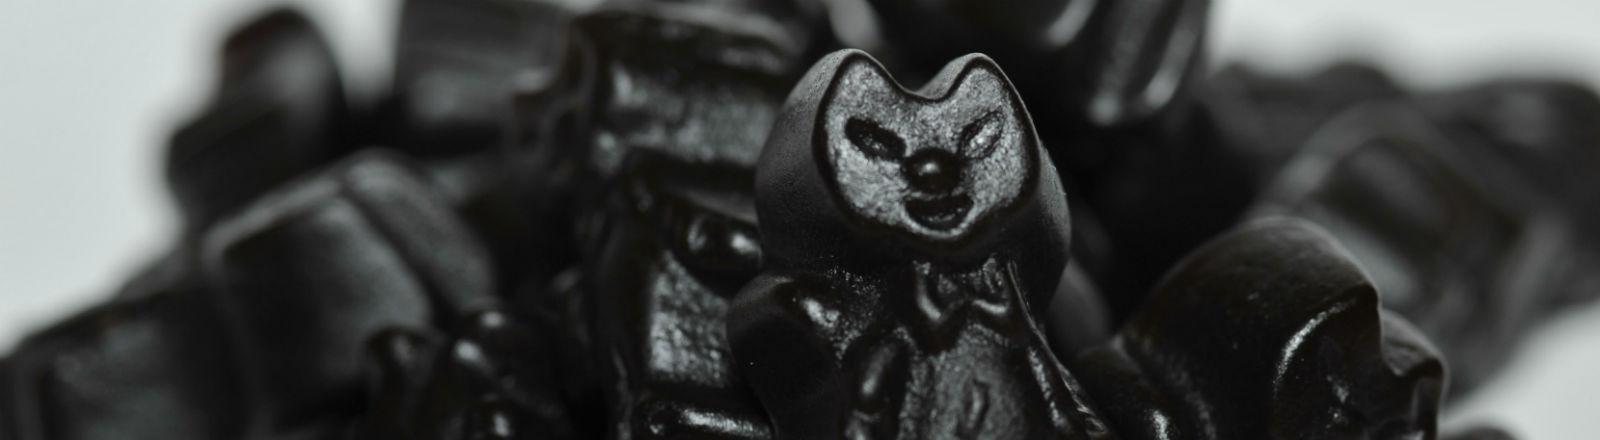 Lakritze liegen auf einem Haufen, eins davon in Form einer Katze. Bild: dpa